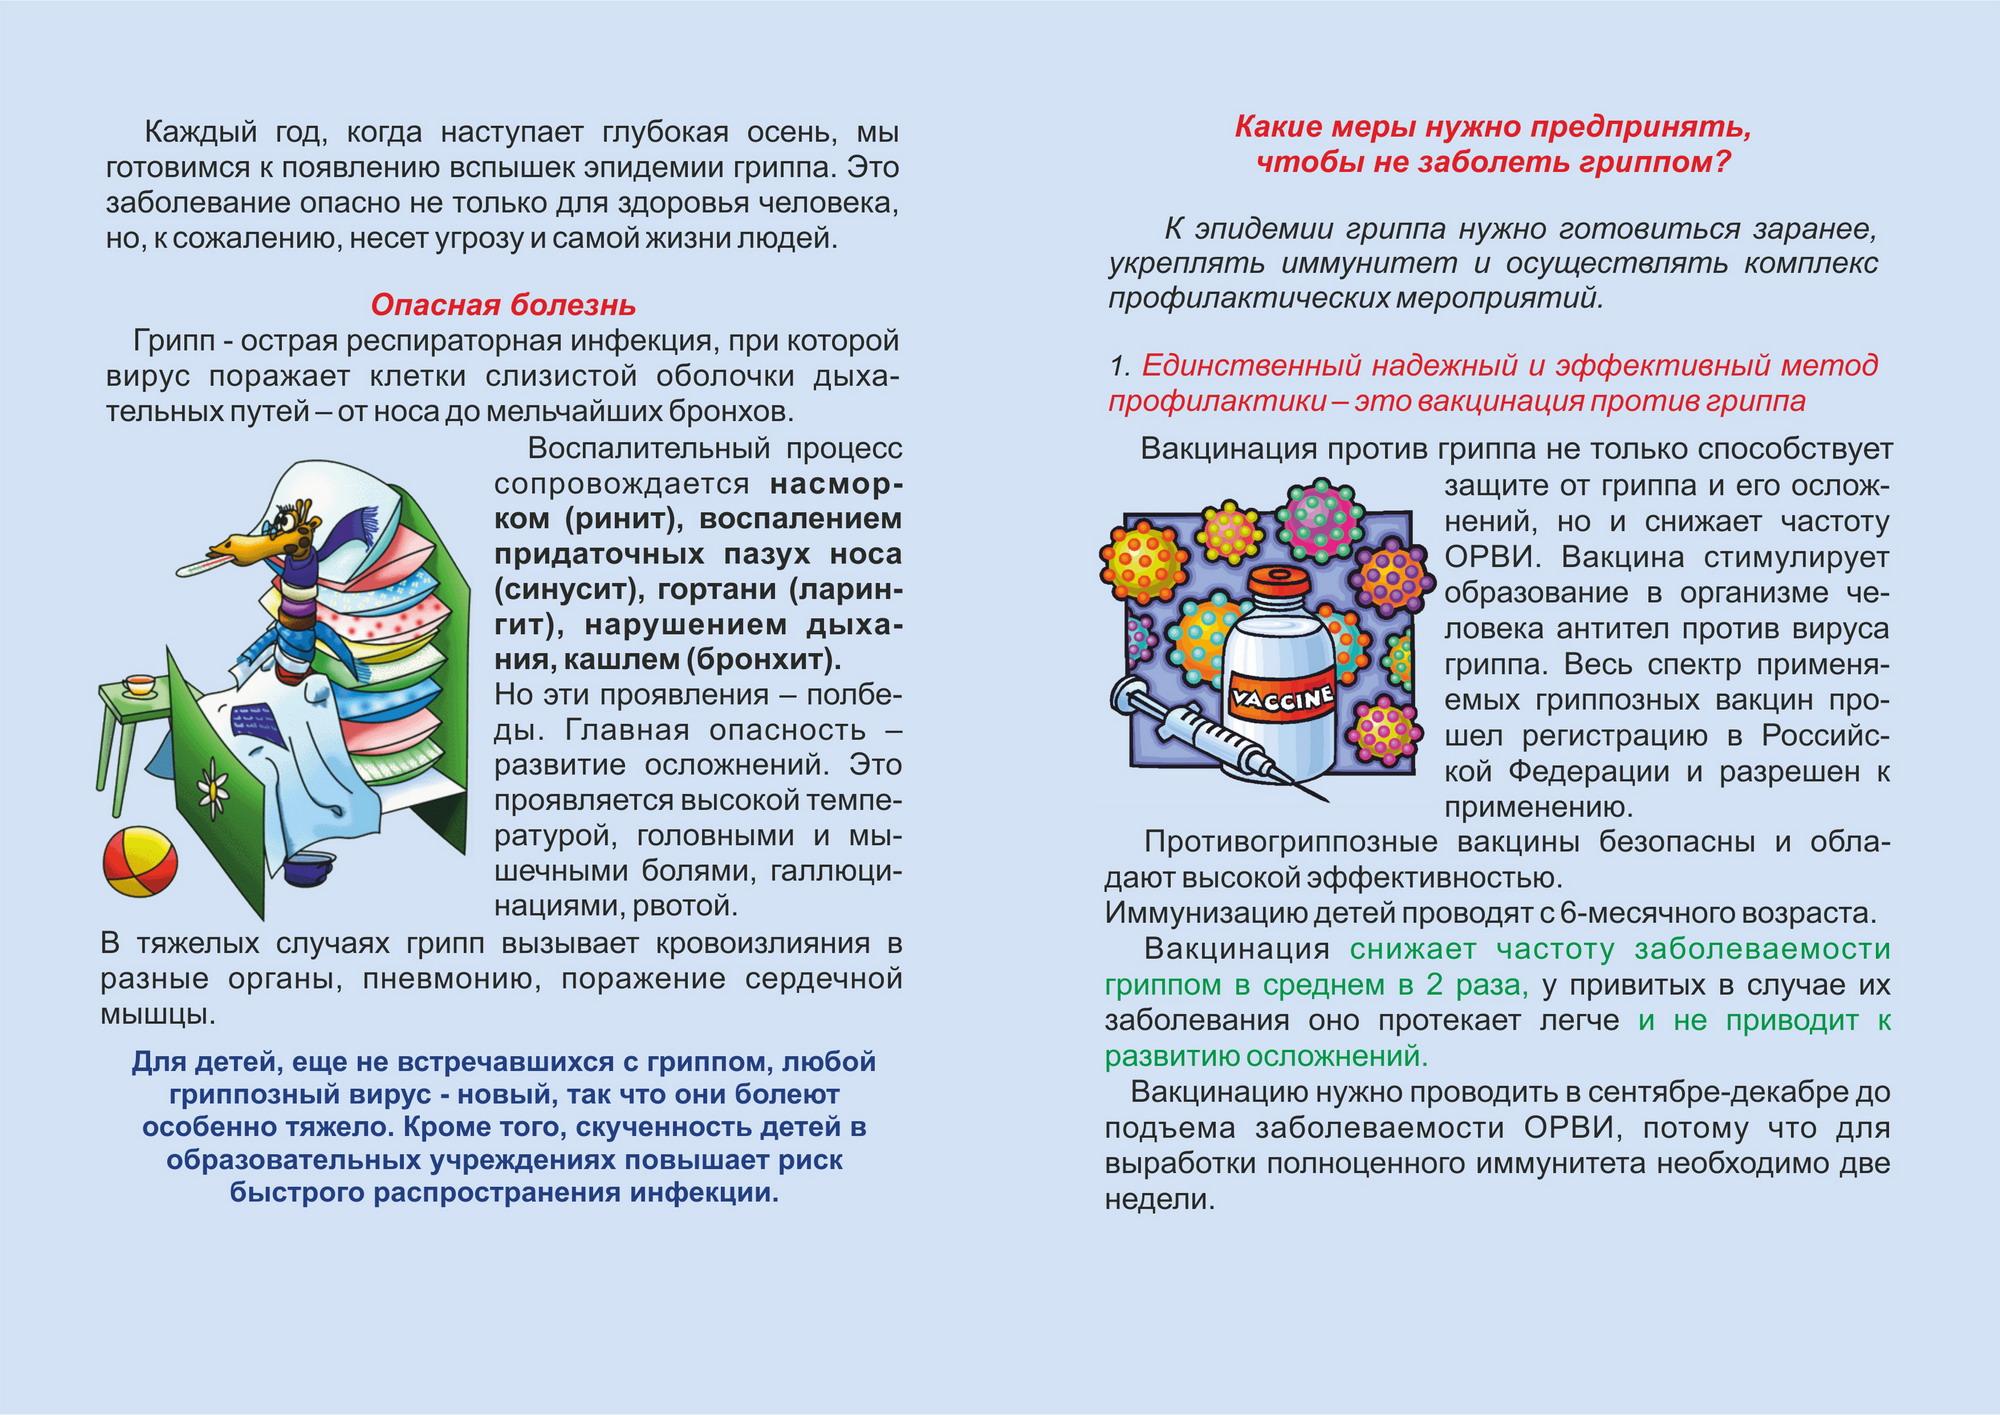 Рекомендации по профилактике гриппа для дошкольных и общеобразовательных учреждений